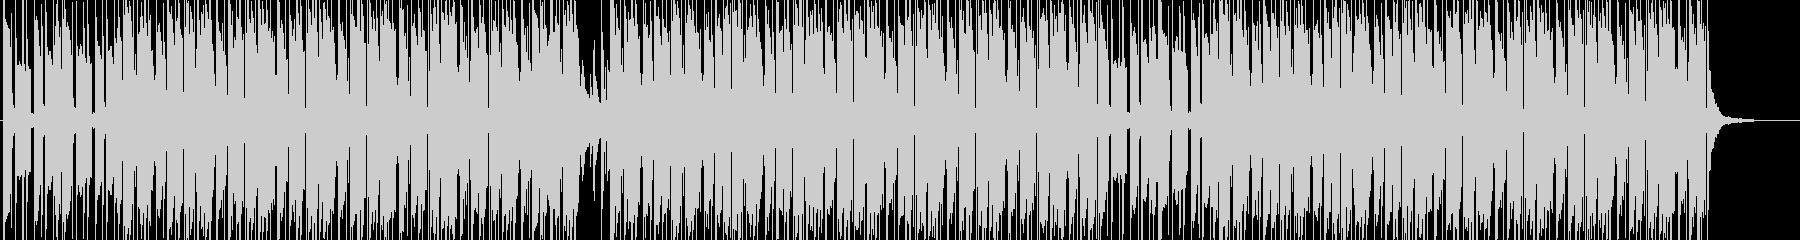 おしゃれなHIPHOP TRAPの未再生の波形